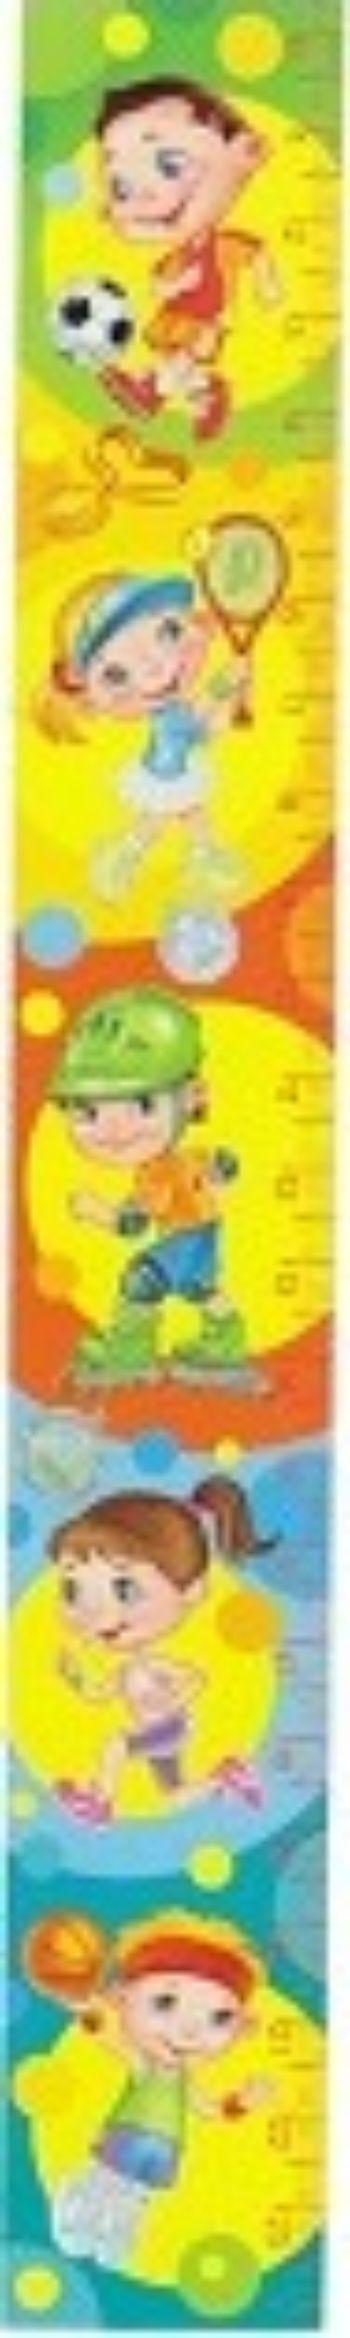 Линейка-закладка Летний спортЛинейки<br>Линейка, 24 см.Материал: картон.<br><br>Год: 2017<br>Высота: 242<br>Ширина: 32<br>Толщина: 1